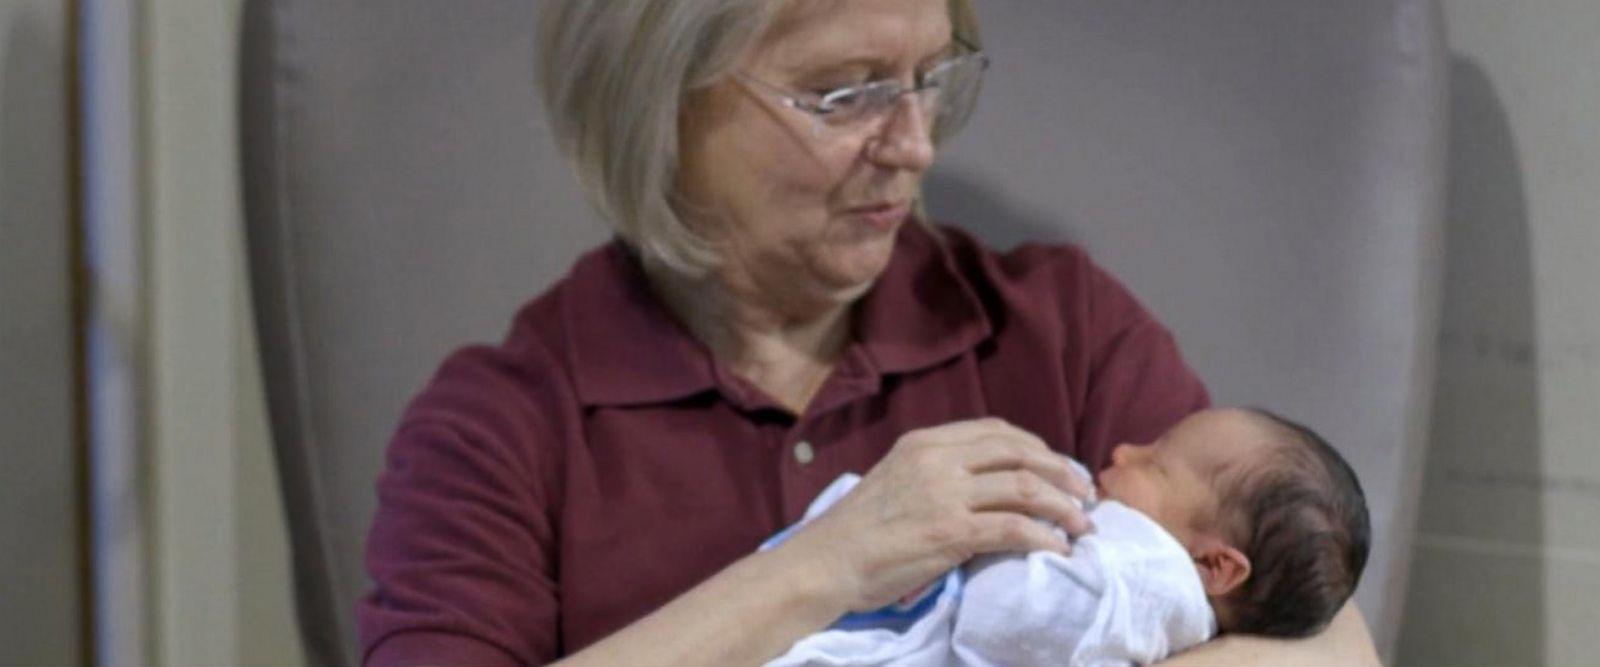 VIDEO: The Big Vote: Volunteers cuddle babies dependent on drugs